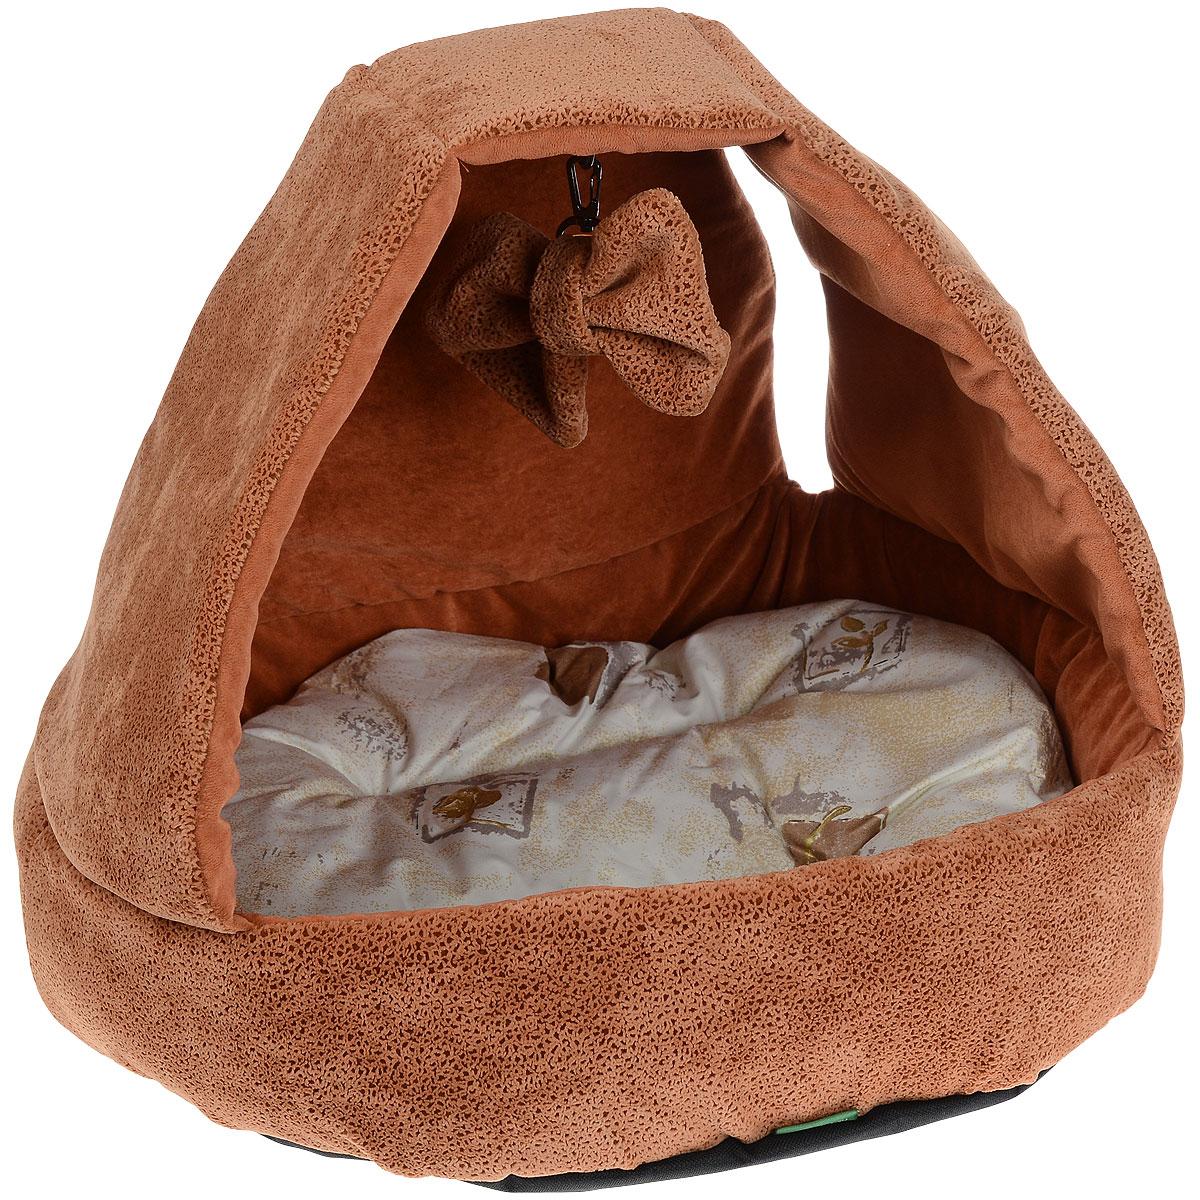 Домик для кошек и собак Titbit с игрушкой, цвет: рыжий, 43 см х 43 см х 40 смL003/B_синий, бежевыйДомик TiTBiT с игрушкой обеспечит Вашему питомцу комфортный отдых и веселое развлечение. Предназначен для кошек и небольших собак. Конструкция из поролона прекрасно держит форму. Отделка из мебельной ткани Флок нежная и мягкая на ощупь. Дно изделия выполнено из износостойкой ткани Оксфорд. Внутри домика - мягкая подушка на синтепоне которую можно стирать в машине. И игрушка на карабине, которую можно отстегивать.Вкус: Состав: ткань мебельная флок, поролон, синтепон, ткань тик, ткань Оксфорд.Условия хранения: сухое место.